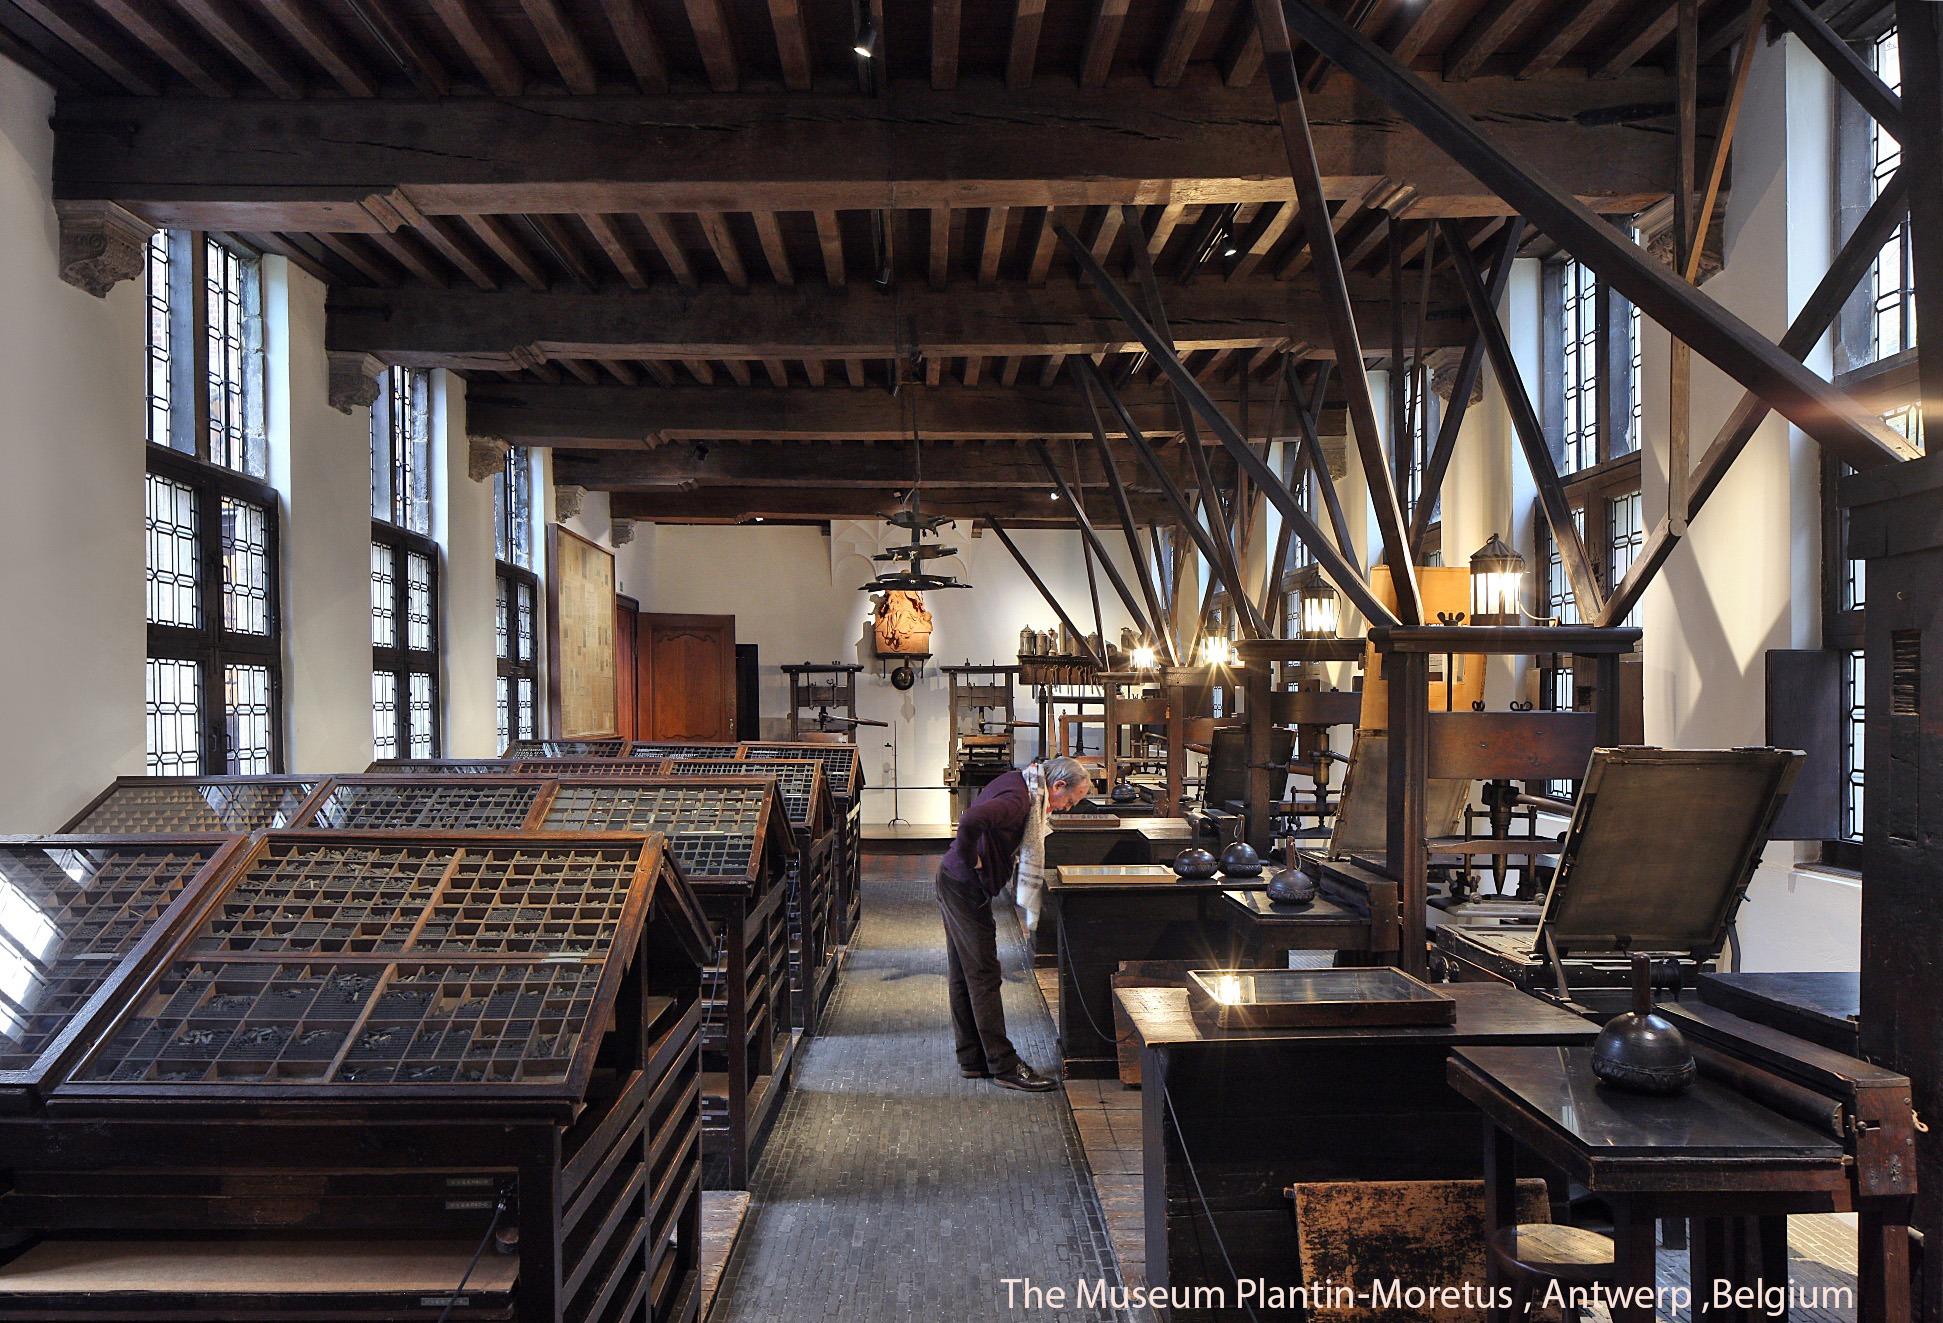 MuseumPlantinMoretus_PrintingRoom